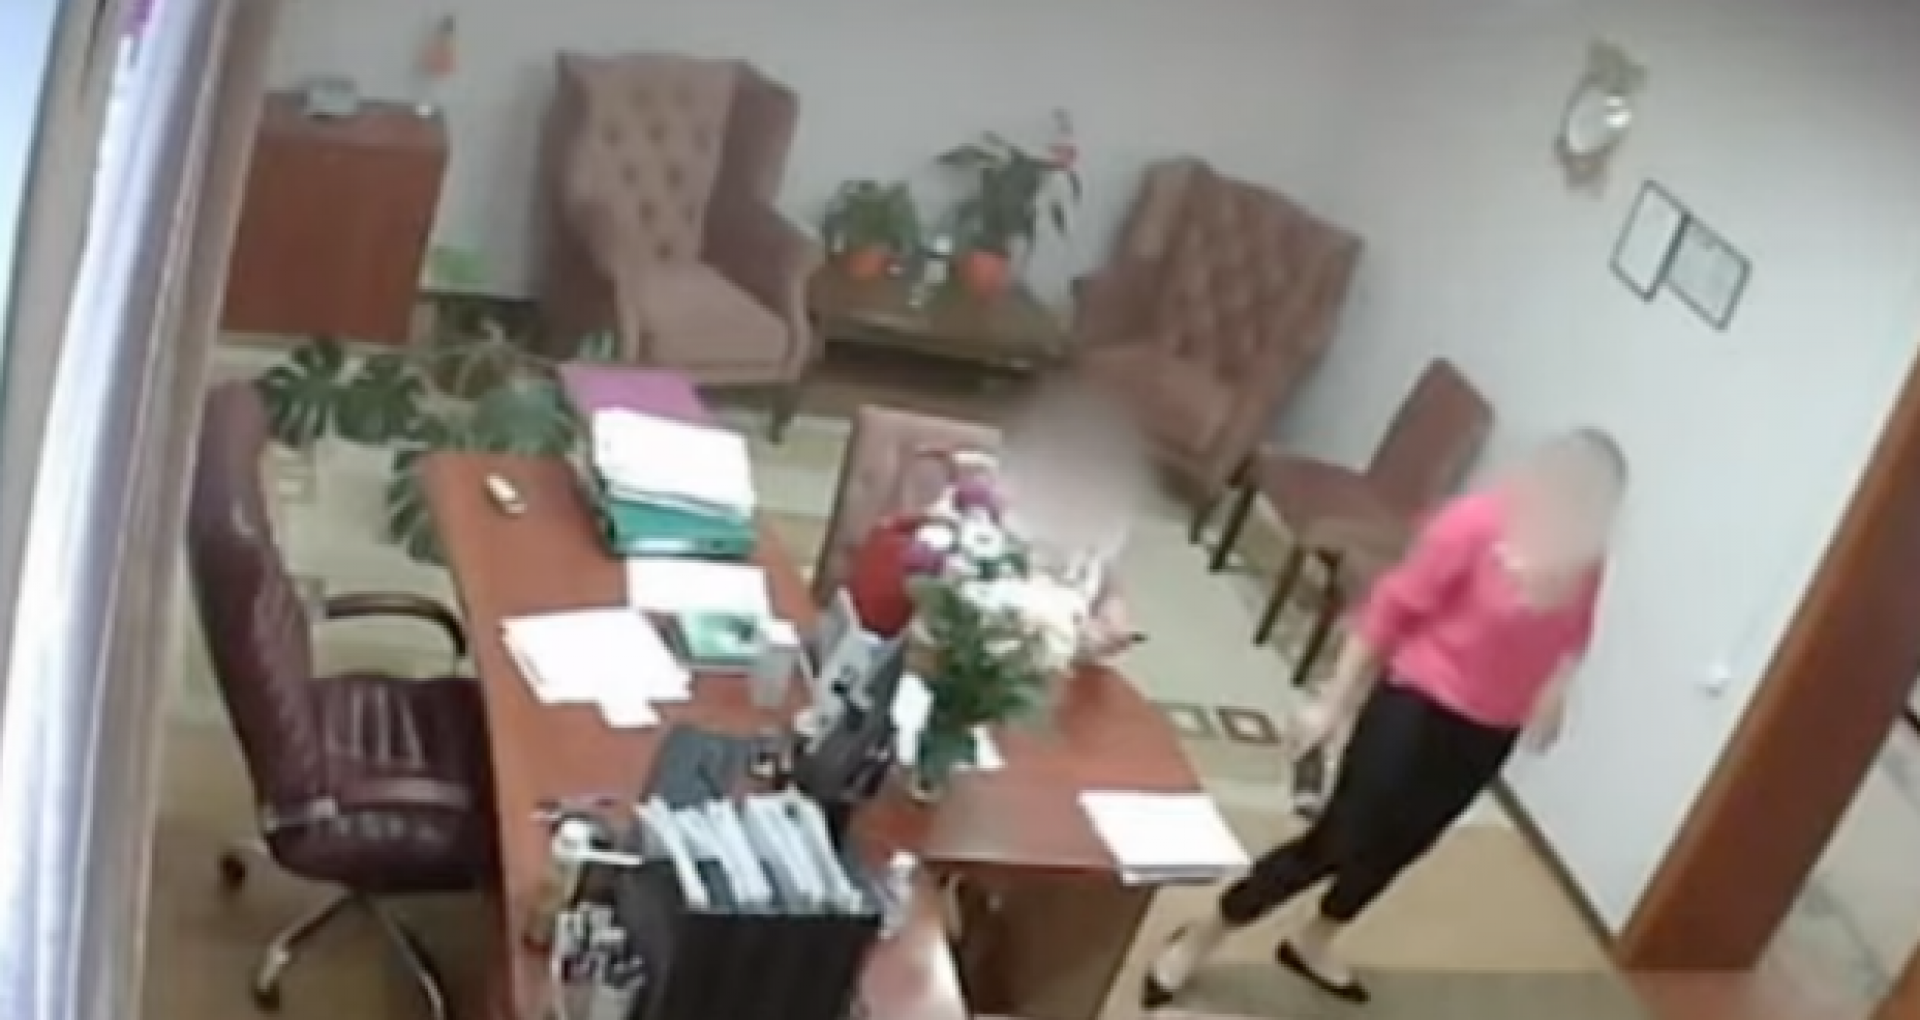 """VIDEO/ Schema de corupție de la Primăria Trușeni. CNA publică imagini cu discuțiile dintre primara și subalternii săi: """"Noi întâi trebuie să intrăm cu baba în temă"""", """"Putem să ne ducem cu maşina Primăriei"""""""